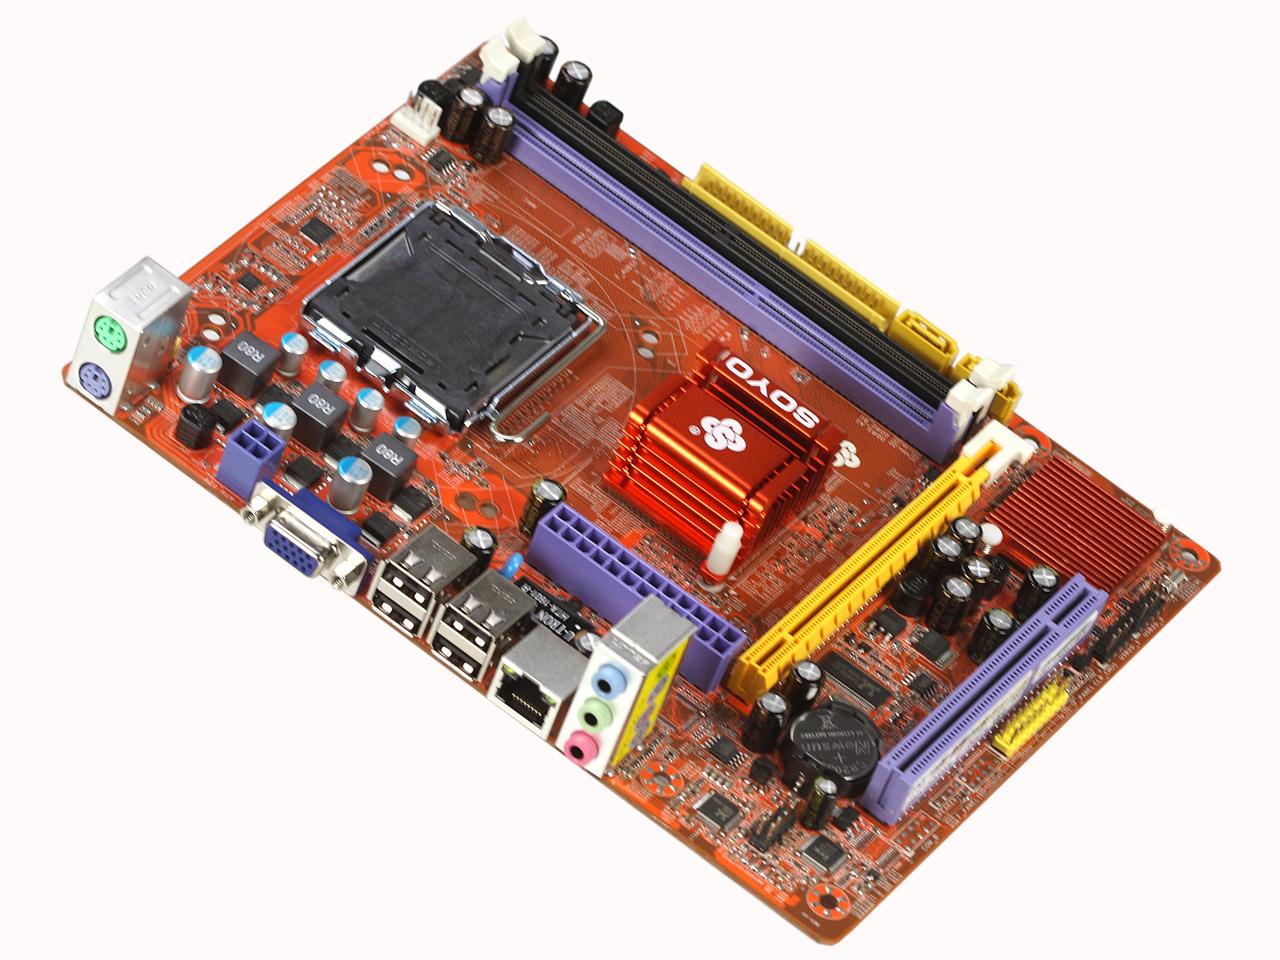 梅捷主板 梅捷g41主板 775针 可上ddr2 ddr3 全国联保 三年 阿里巴巴图片